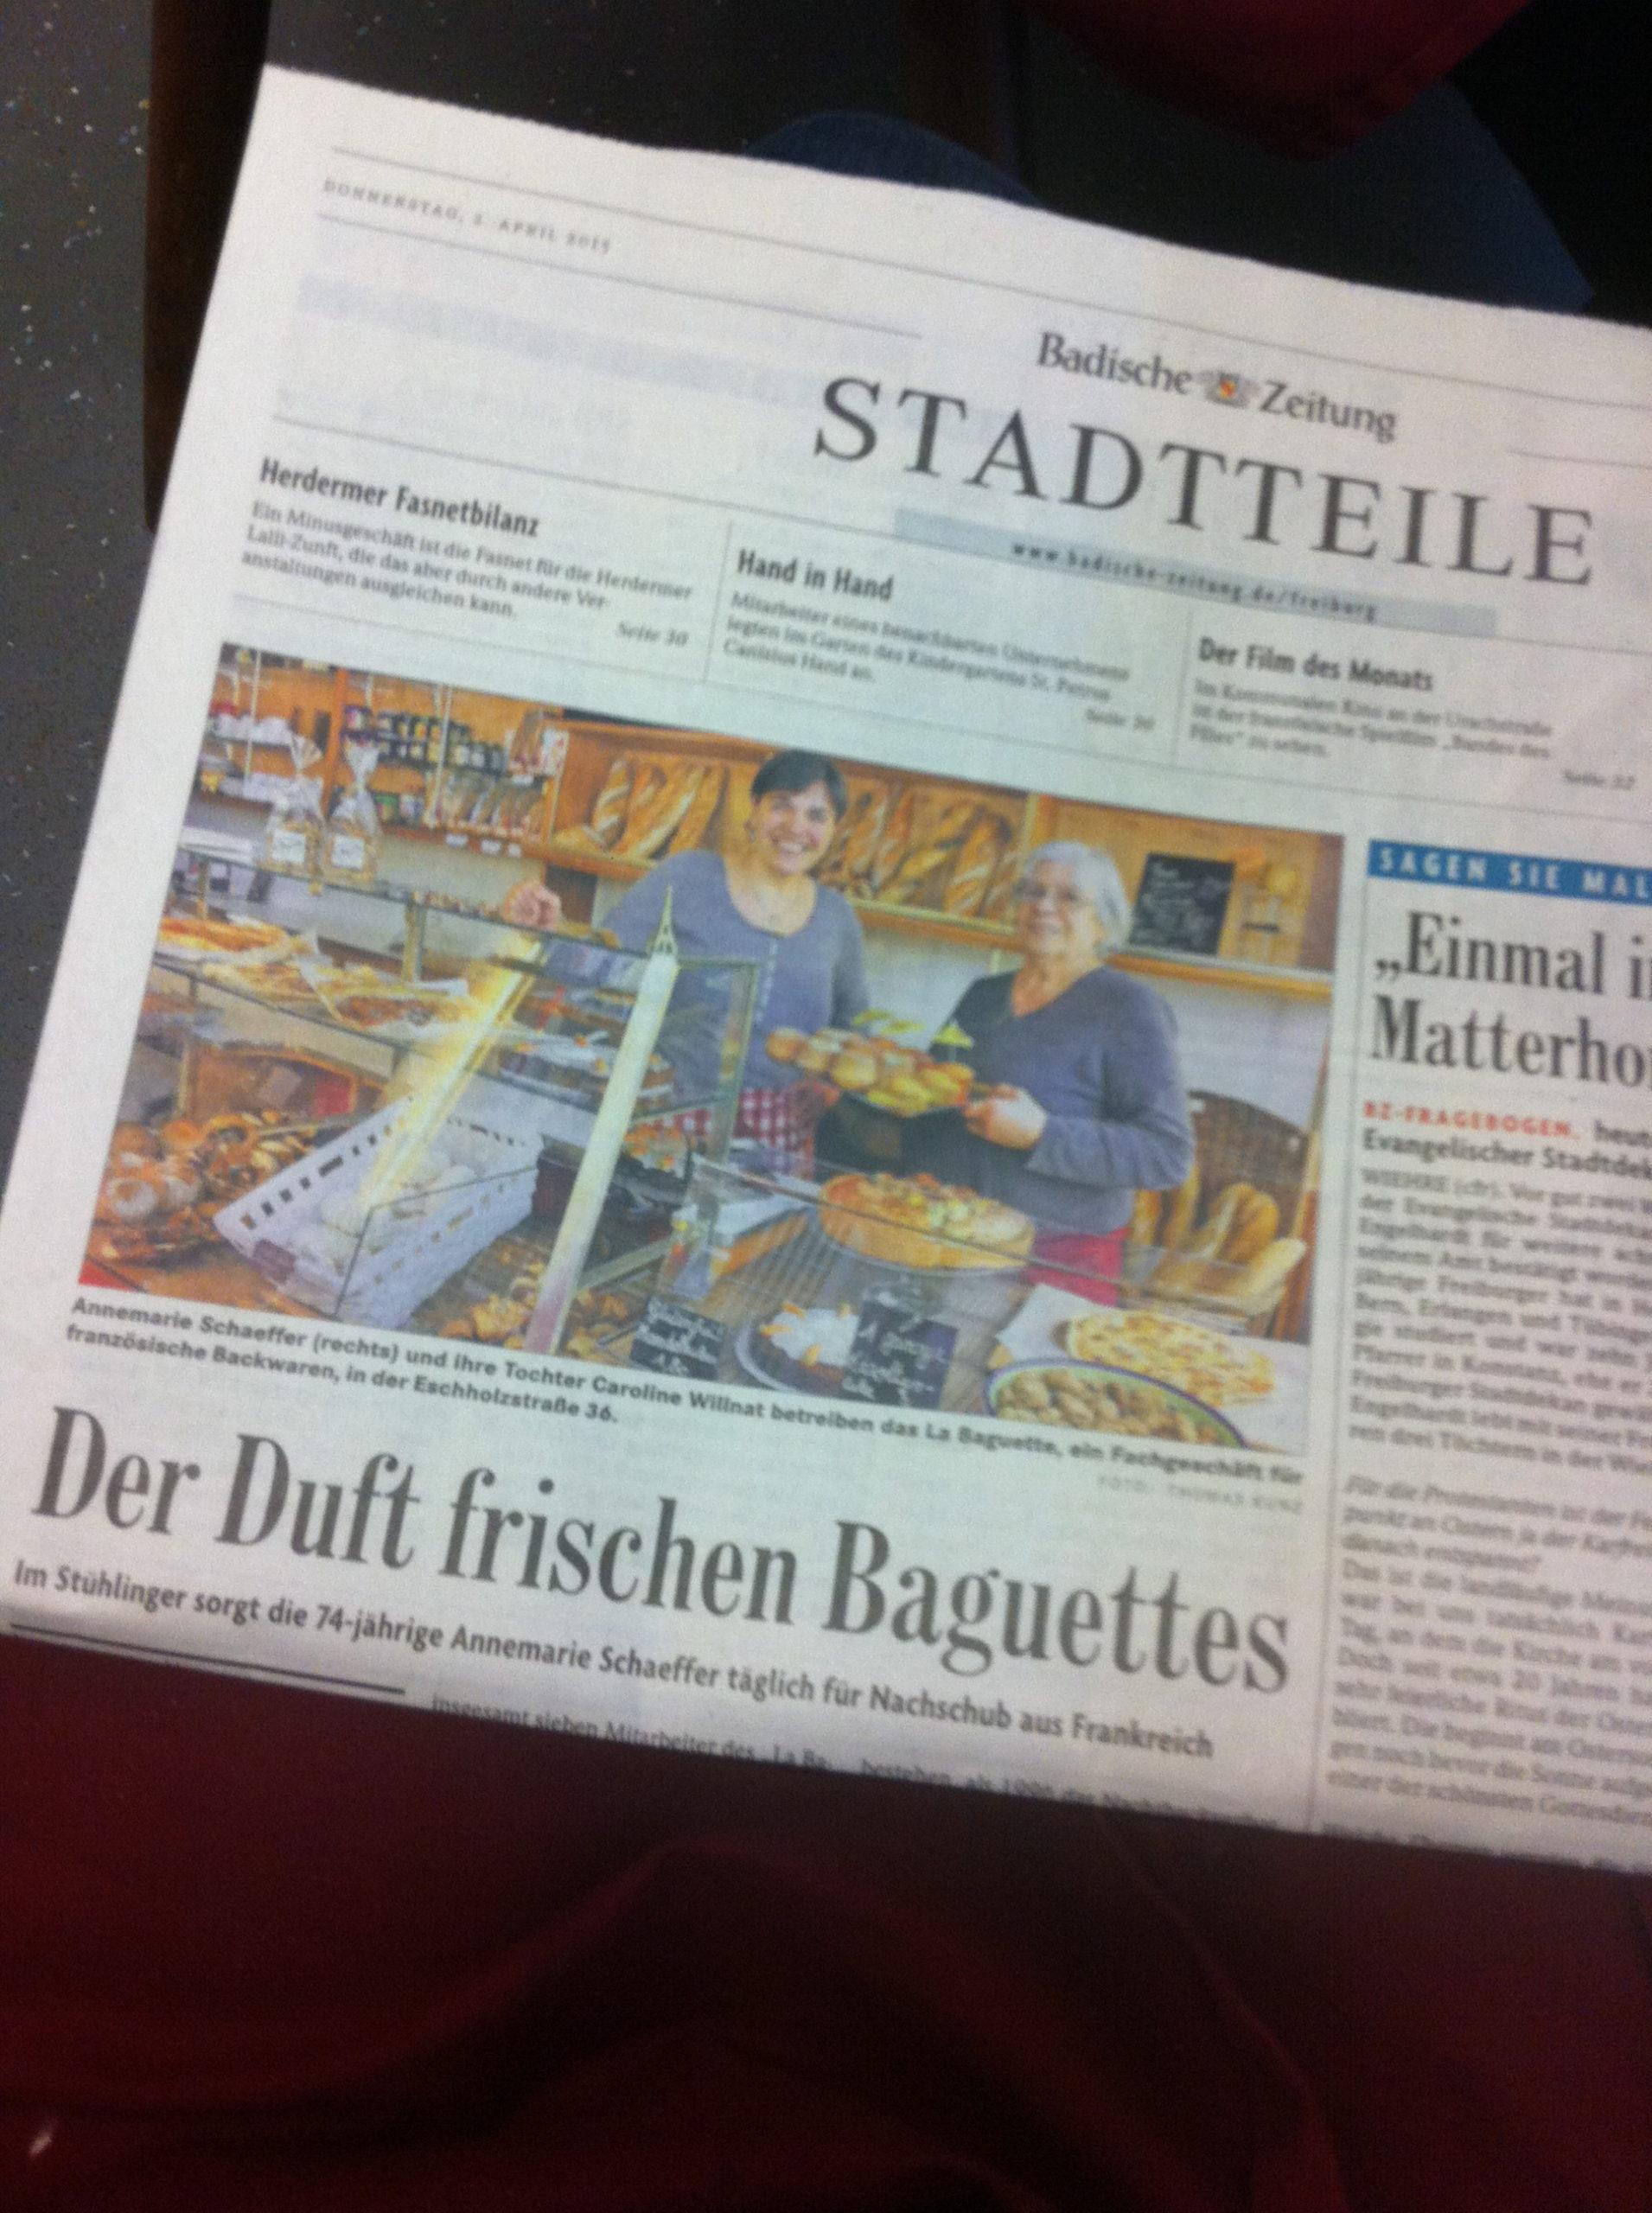 Der Duft frischen Baguettes (Badische Zeitung 02/04/2015)